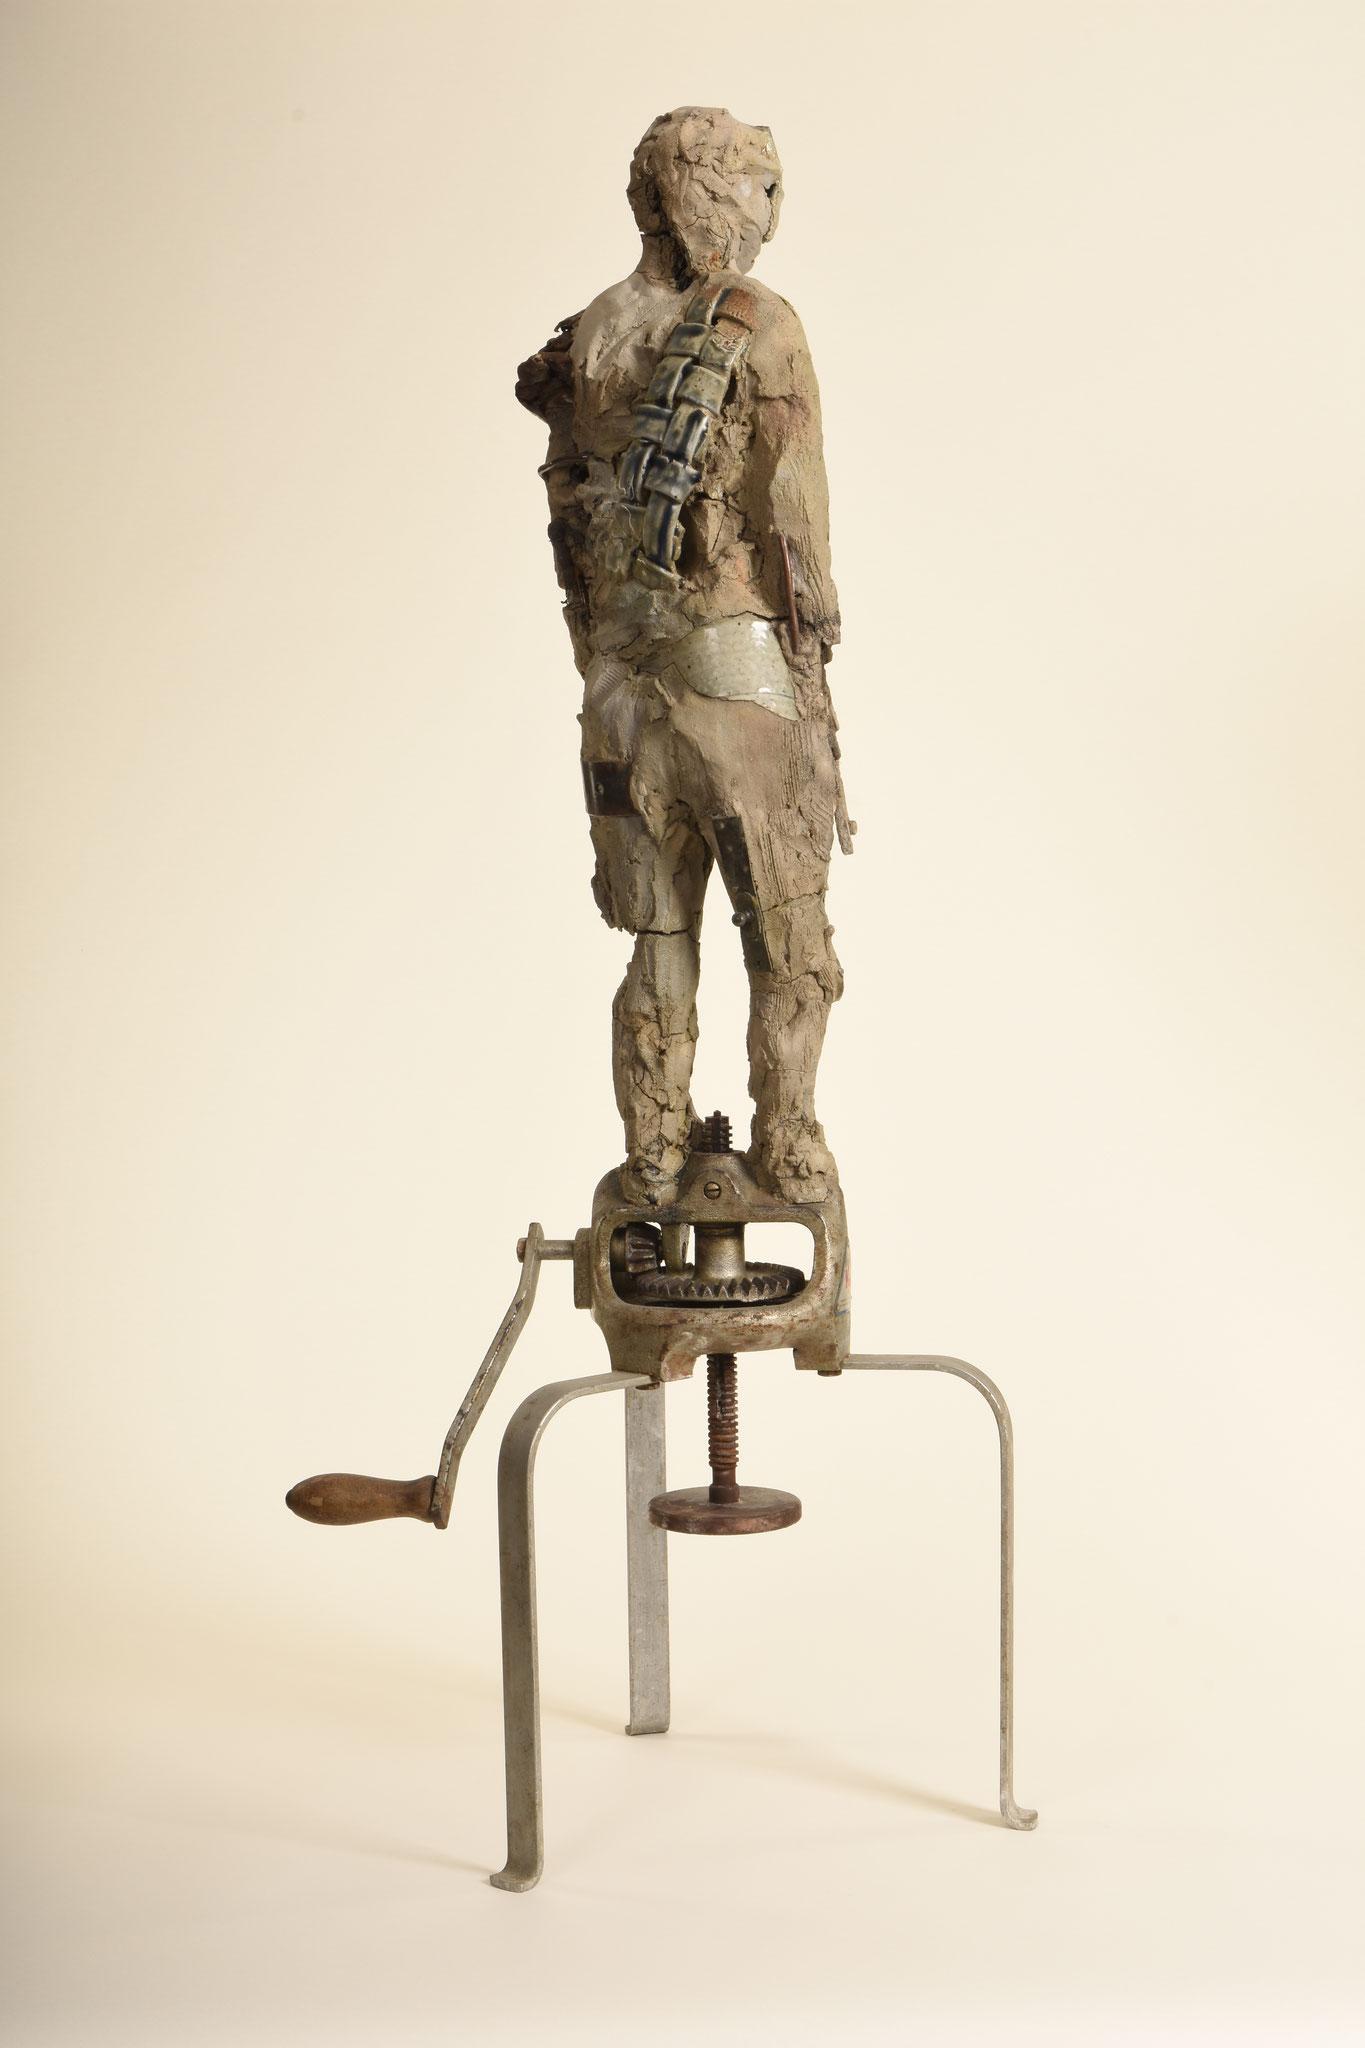 13  |  Bluefaced Man  |  2014  |  Metall, Ton, glasierte Keramik,  H: 98cm